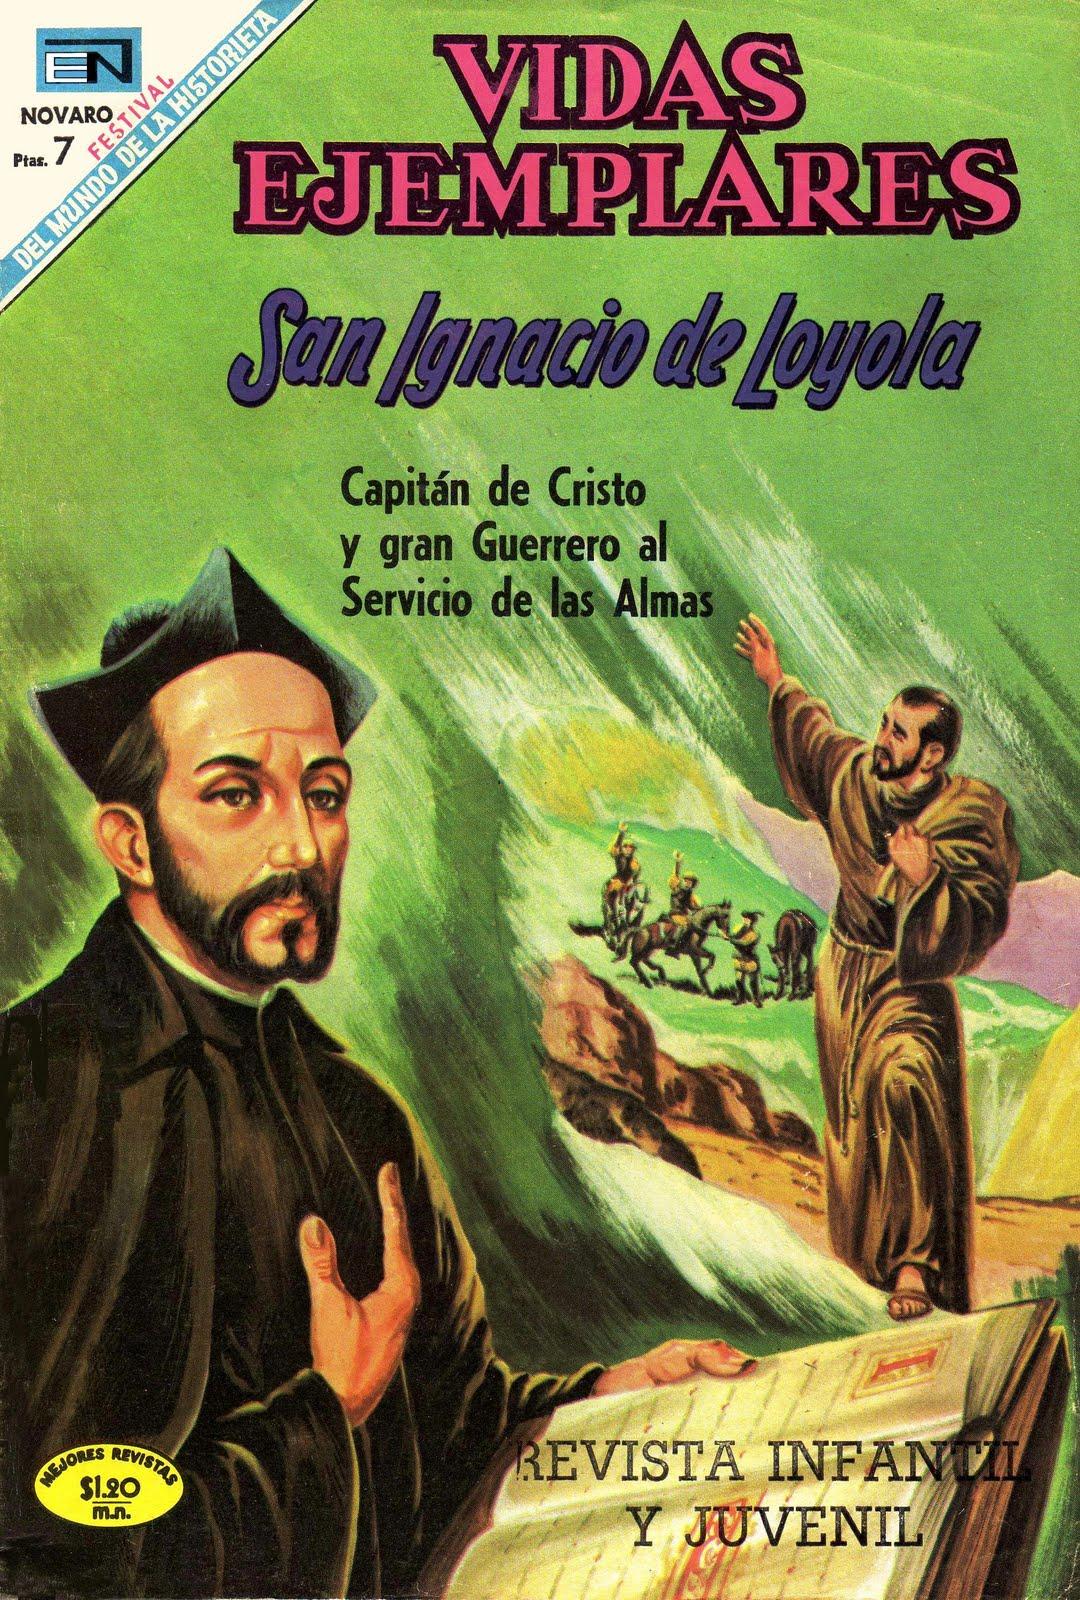 1000+ images about Historietas, Revistas/Comics, Magazines